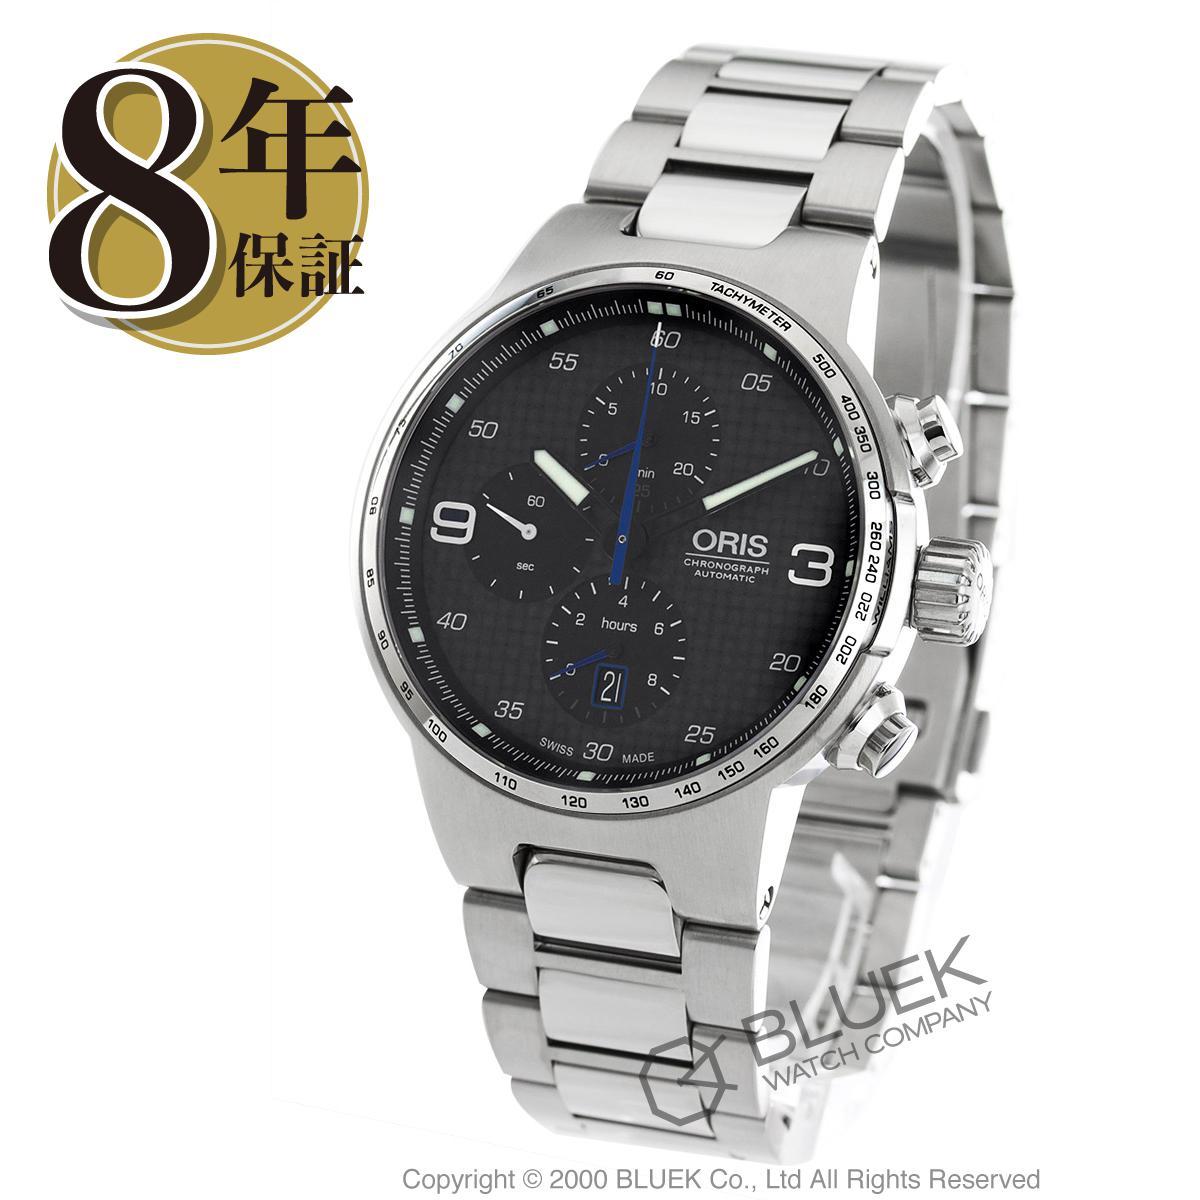 オリス ウィリアムズ クロノグラフ 腕時計 メンズ ORIS 774 7717 4164M_8 バーゲン ギフト プレゼント